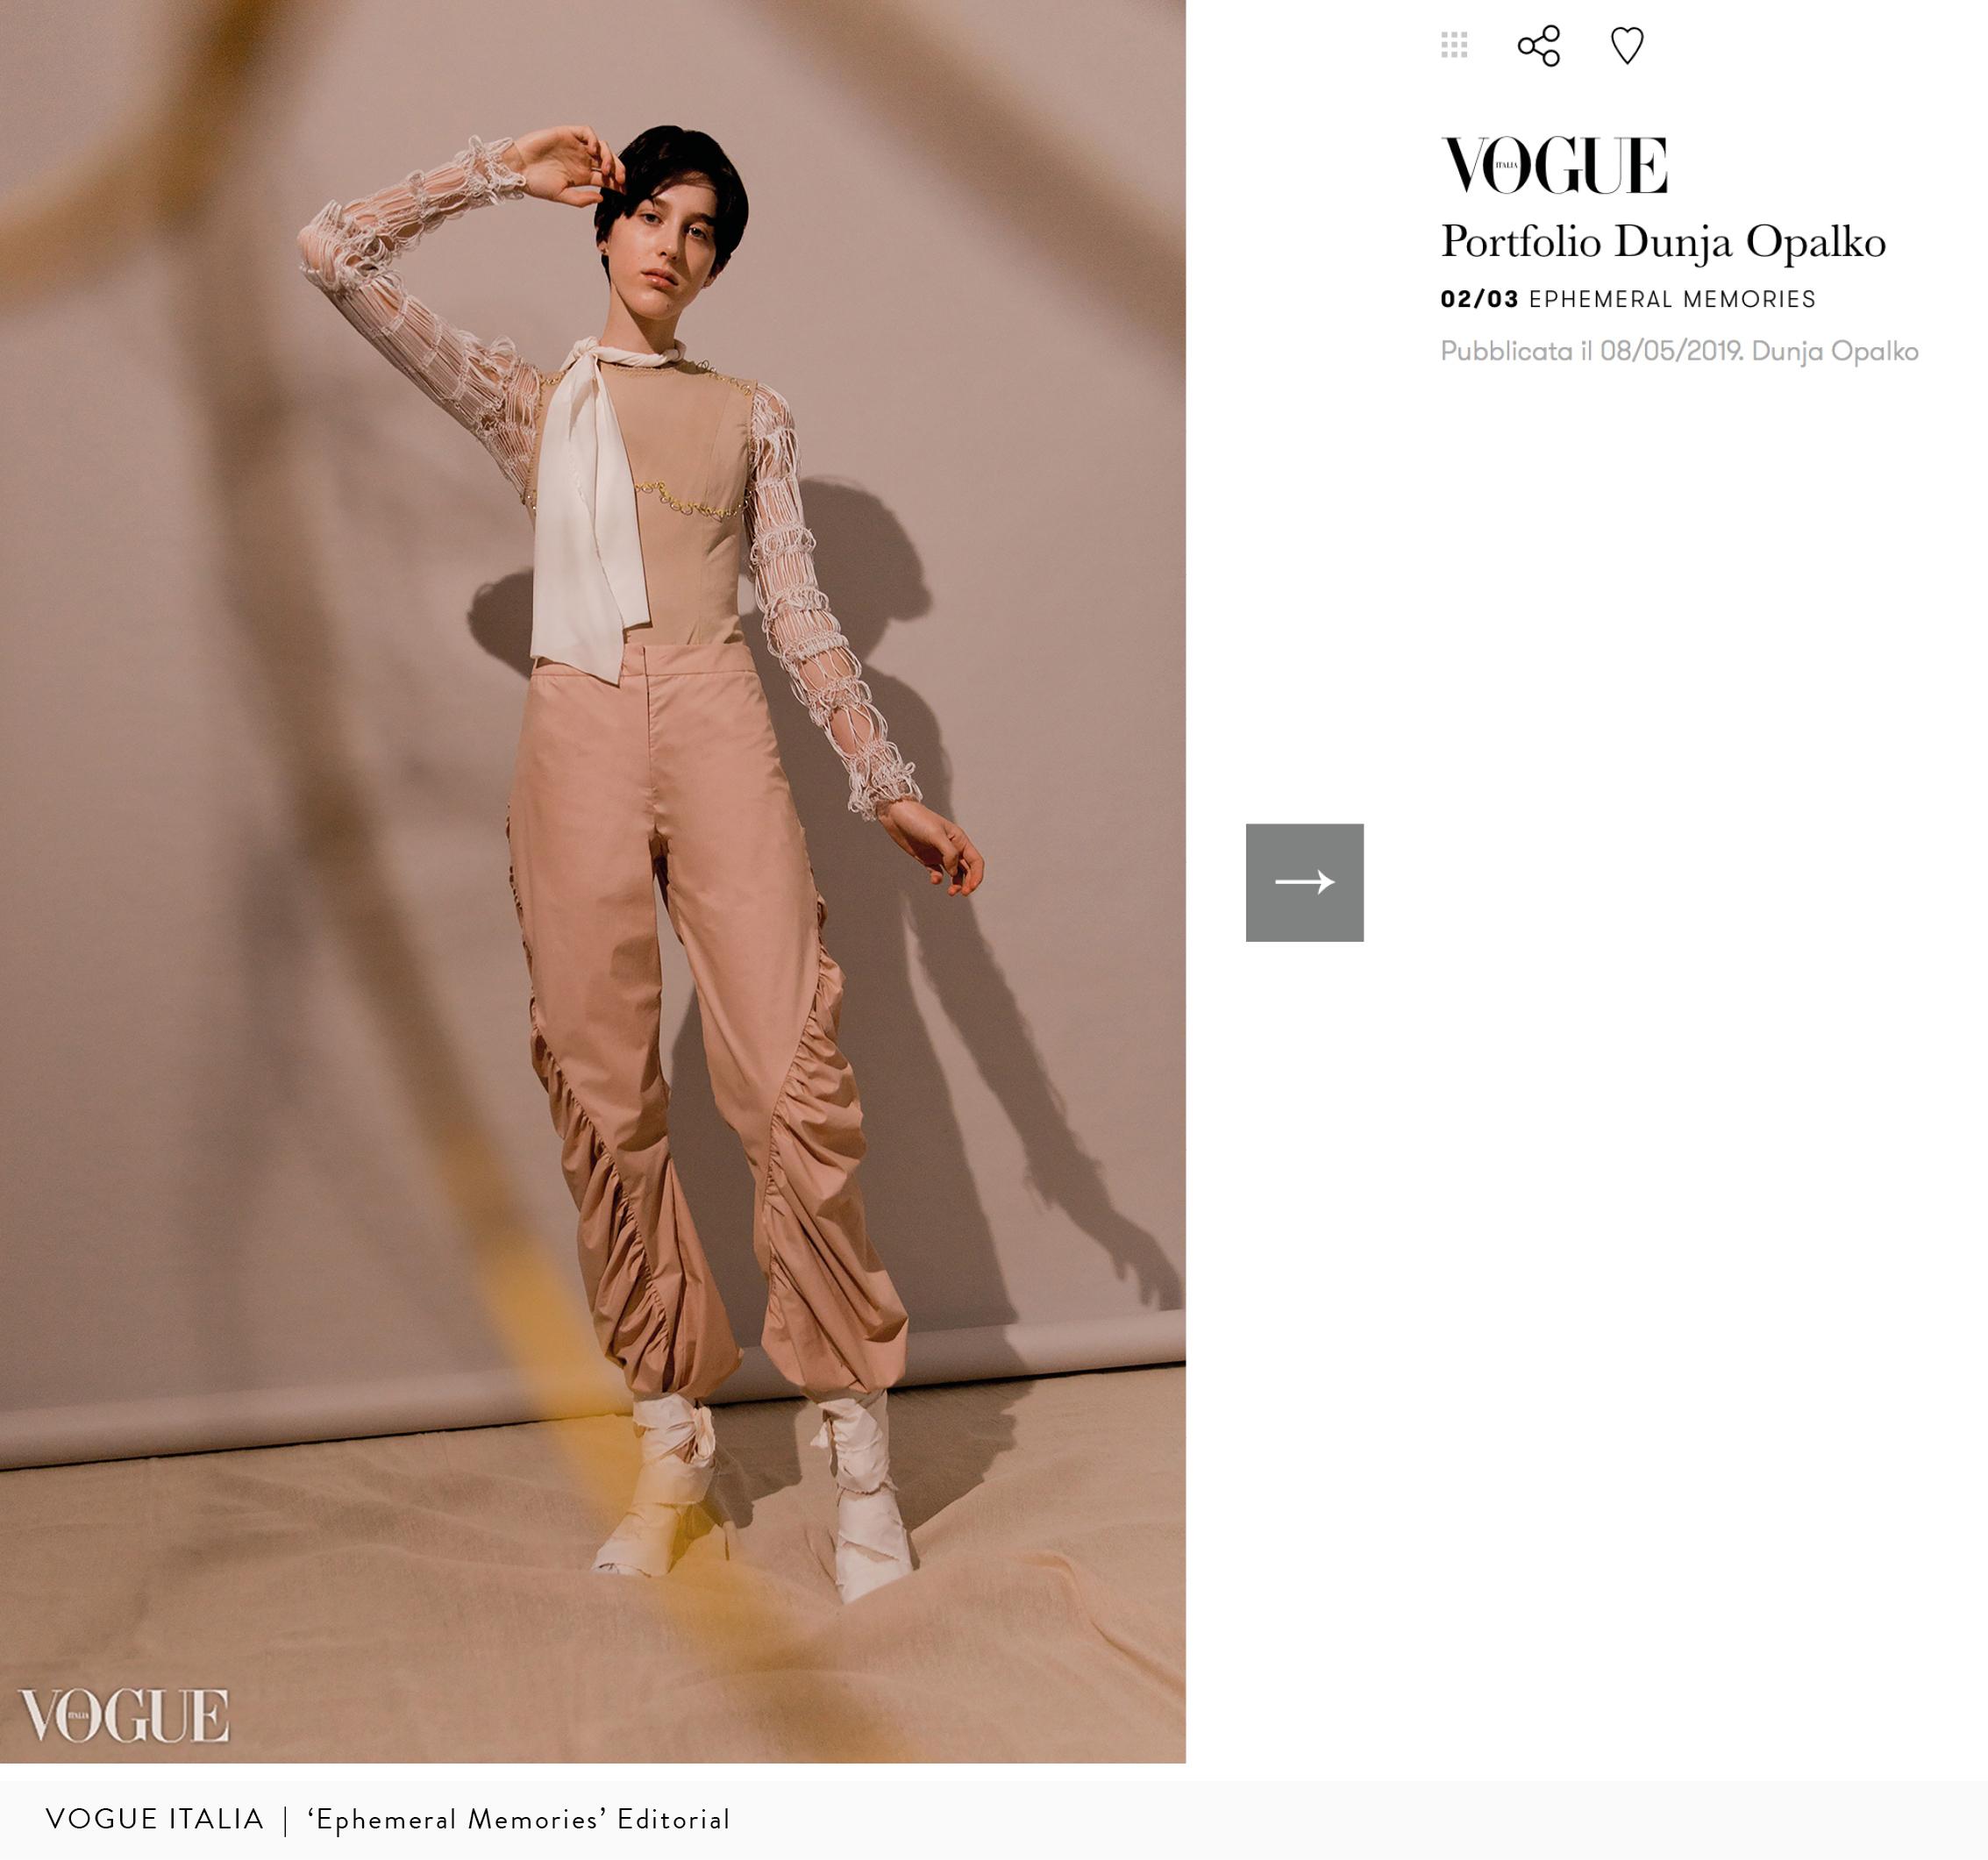 Vogue Italia | 'Ephemeral Memories'